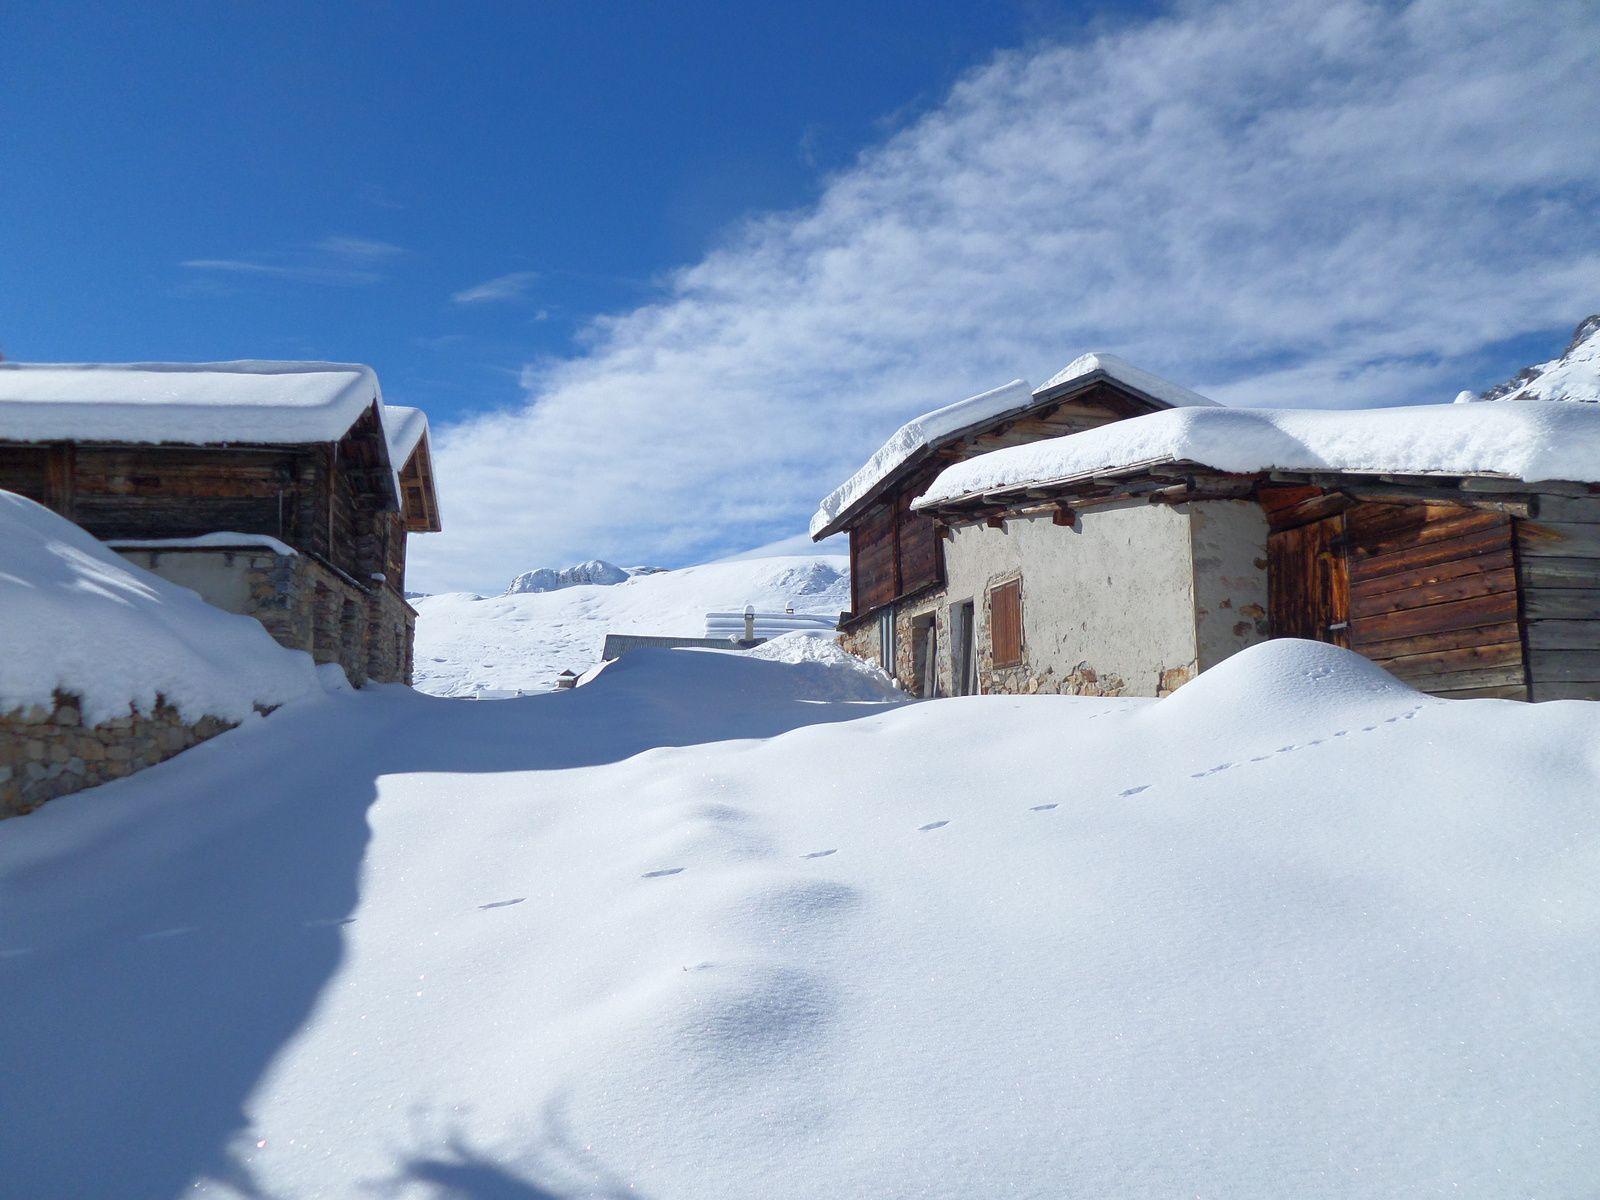 montée à ski de fond (avec peaux autocollantes) de Brunissard (1800m)  jusqu'aux Chalets de Clapeyto (2250m) par une belle journée d'Automne de novembre 2014